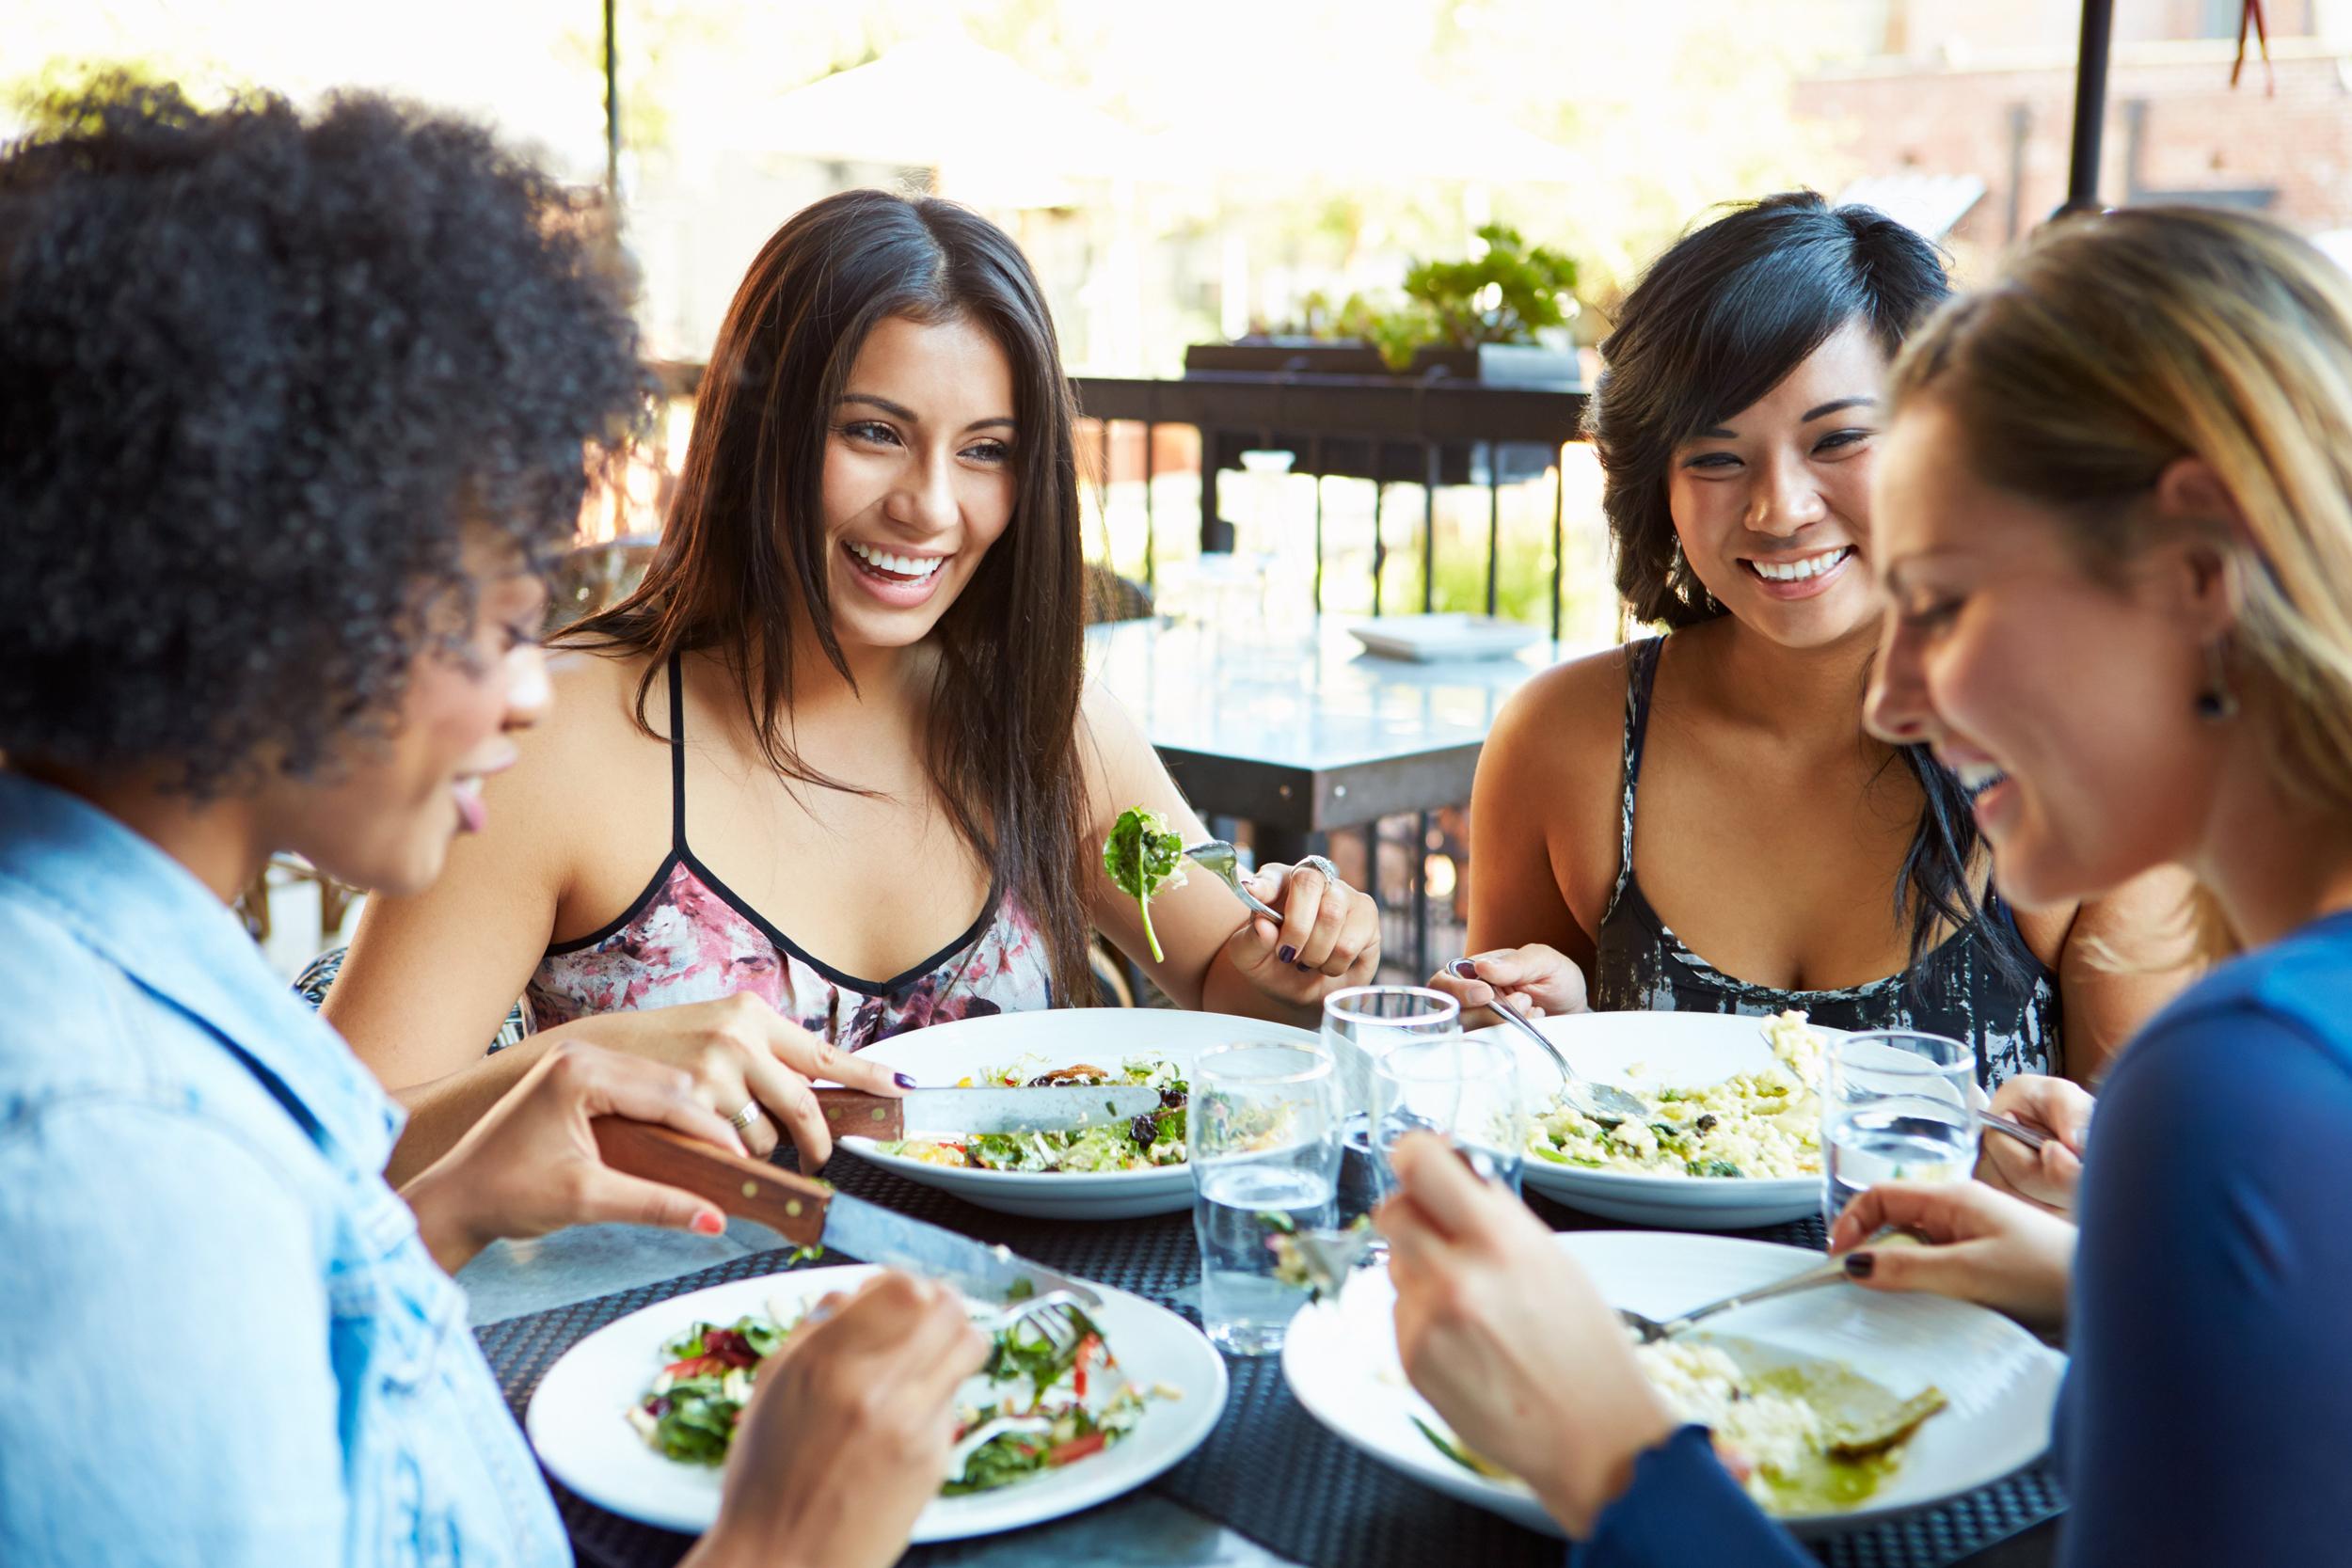 Как худеть в домашних условиях без диет и голода?